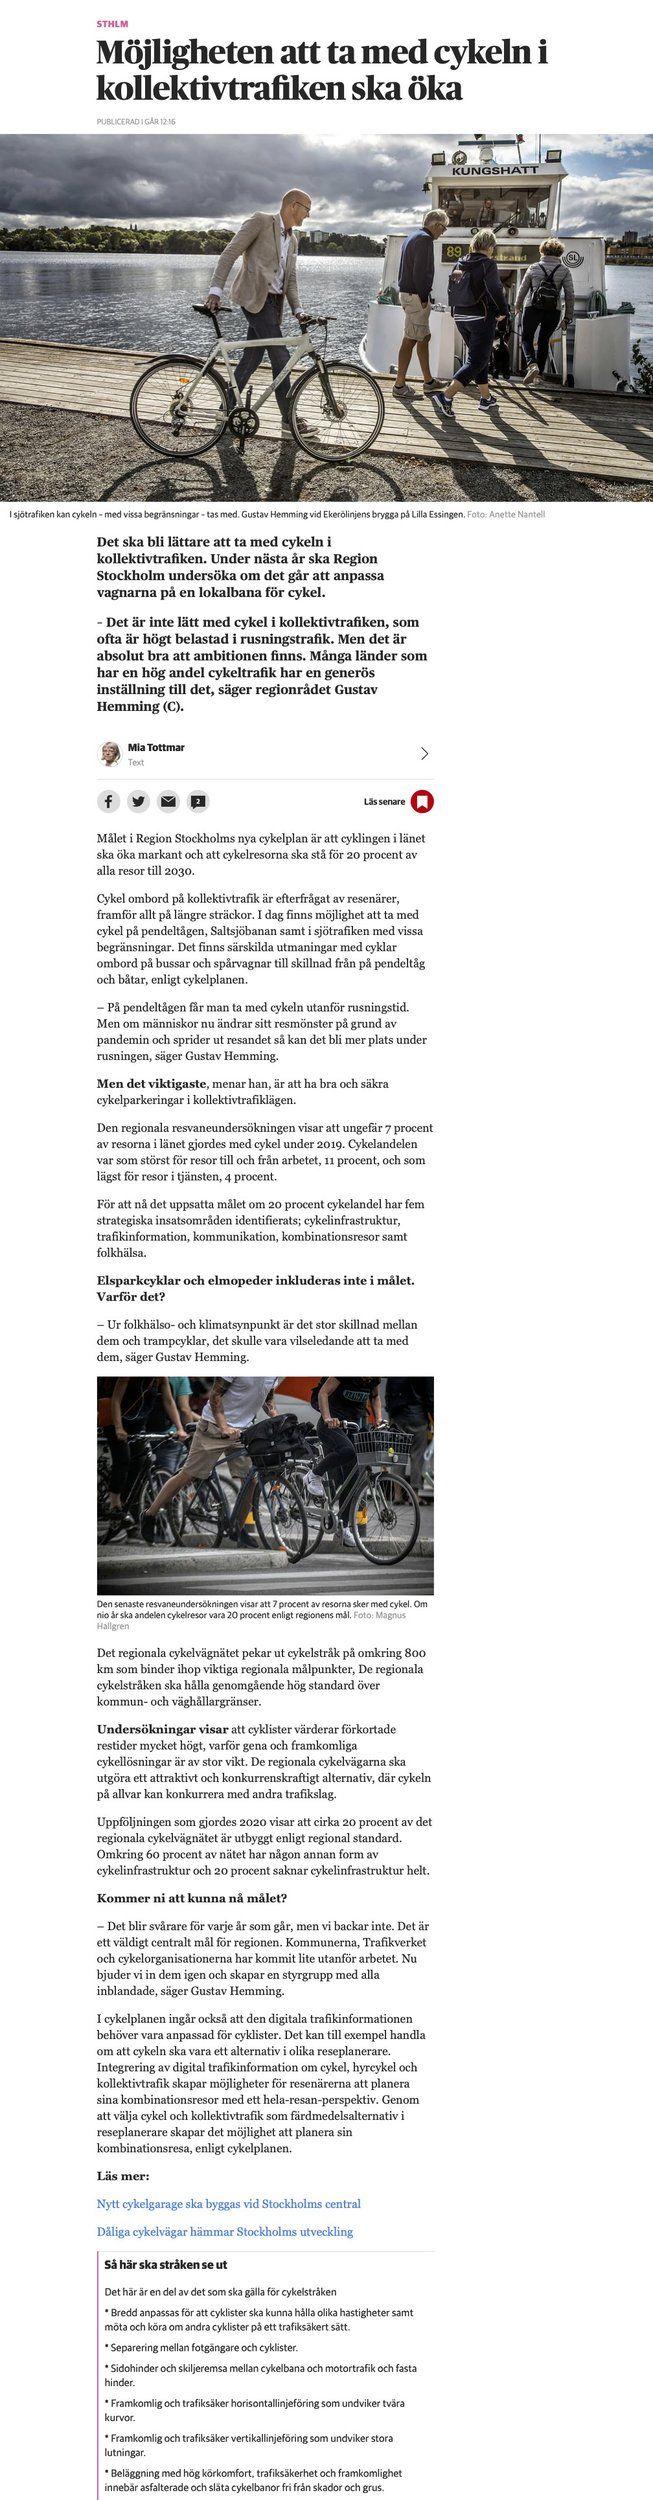 mojligheten-att-ta-med-cykeln-i-kollektivtrafiken-ska-oka.jpg